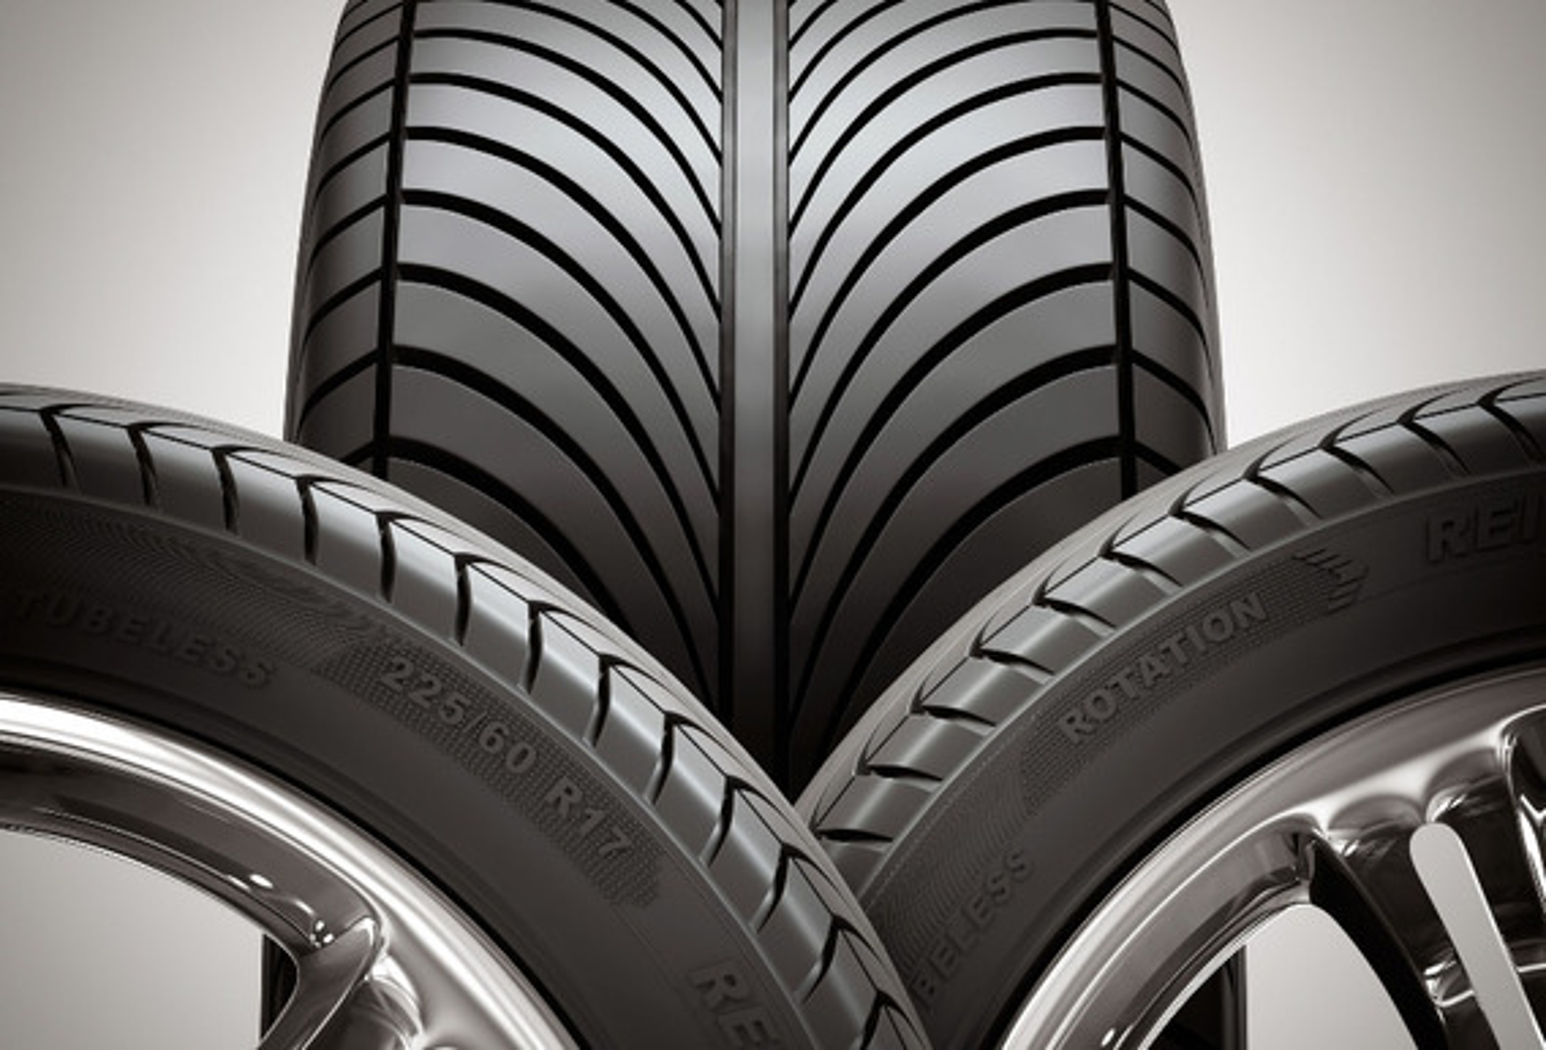 Можно ли установить колесные диски с меньшим вылетом на VW Passat B7?